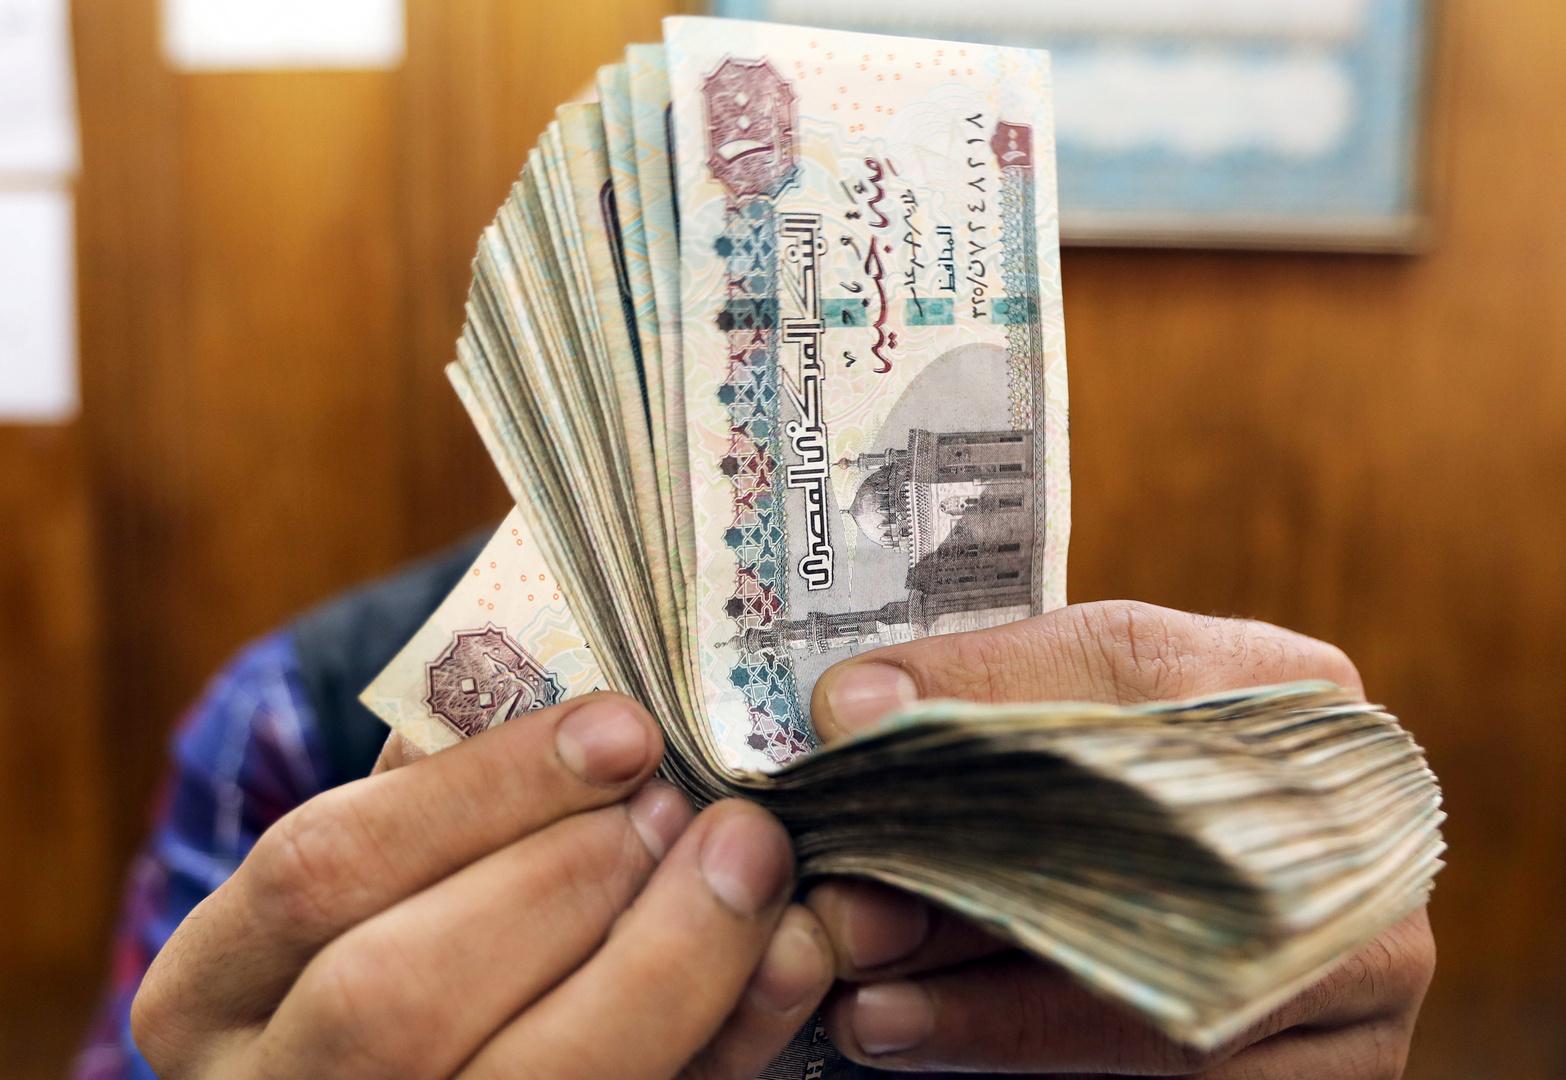 مصر توقع اتفاقا بقيمة 1.1 مليار دولار مع المؤسسة الدولية الإسلامية